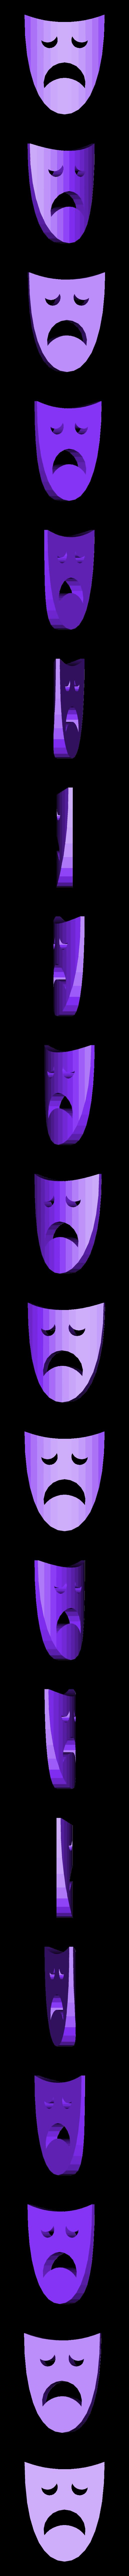 Mask_2.stl Télécharger fichier STL gratuit Porte-clés des masques de théâtre • Modèle pour imprimante 3D, Nesh